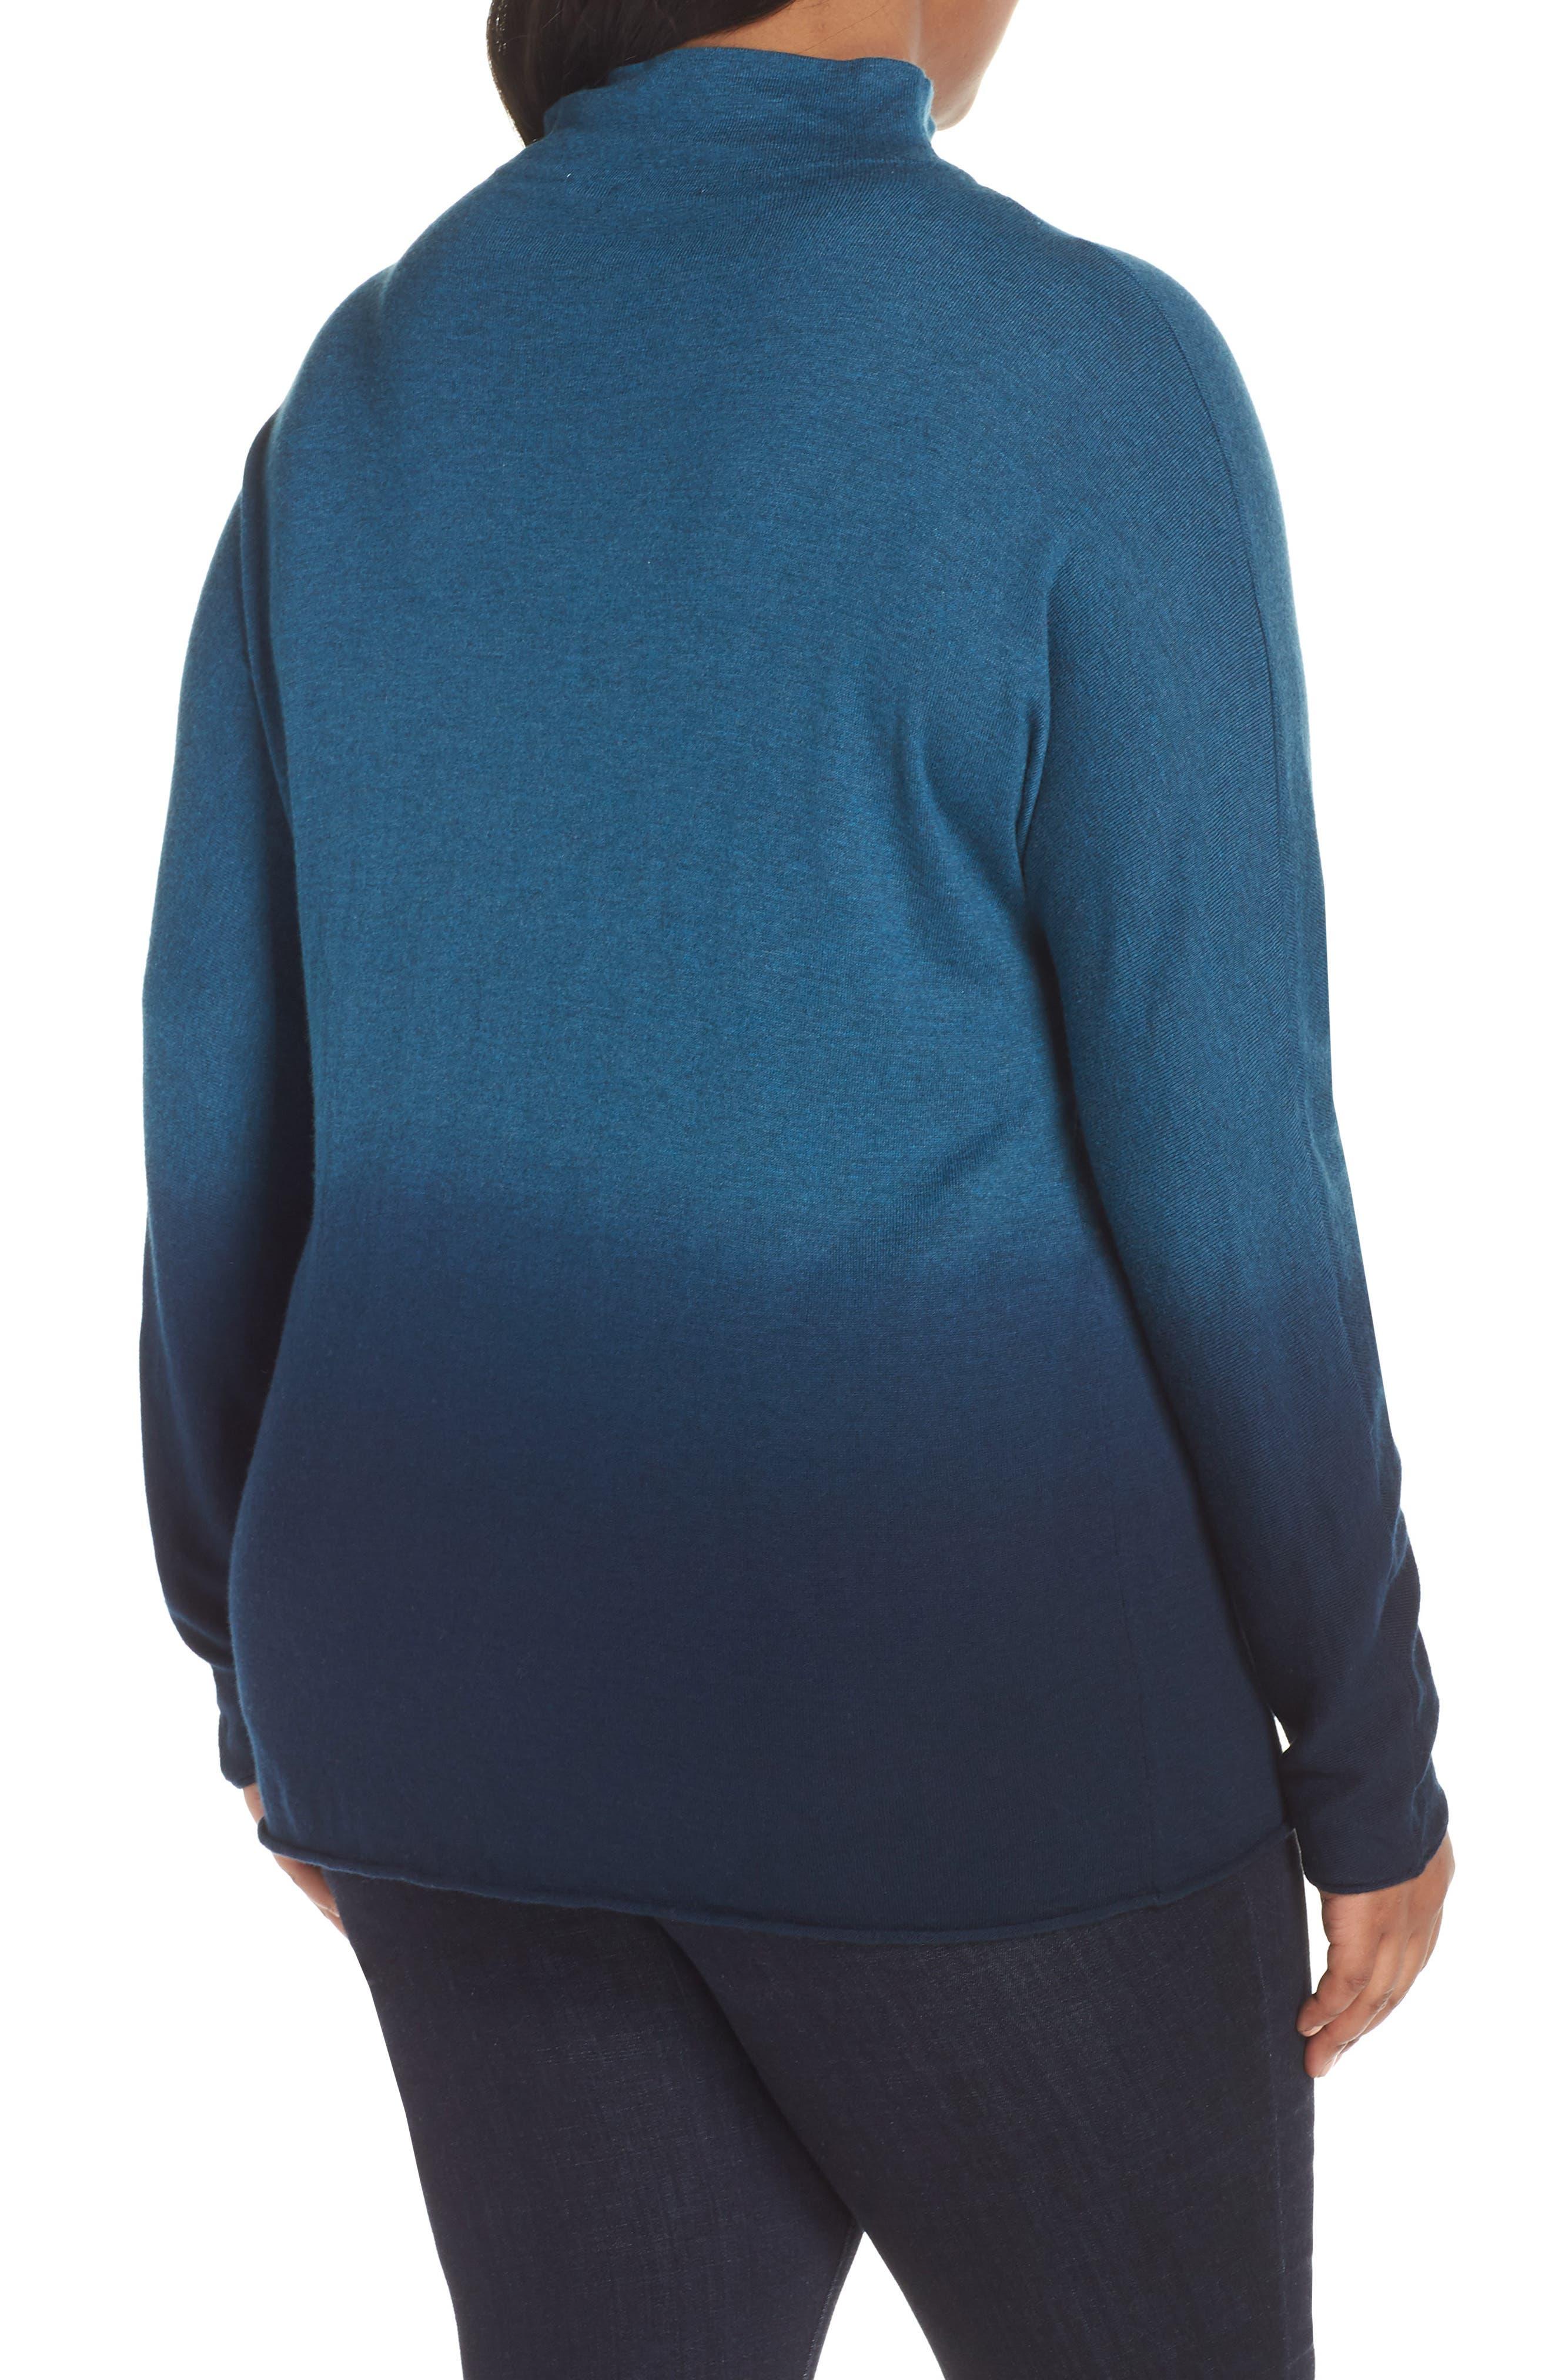 Traveler Funnel Neck Sweater,                             Alternate thumbnail 2, color,                             BERYL